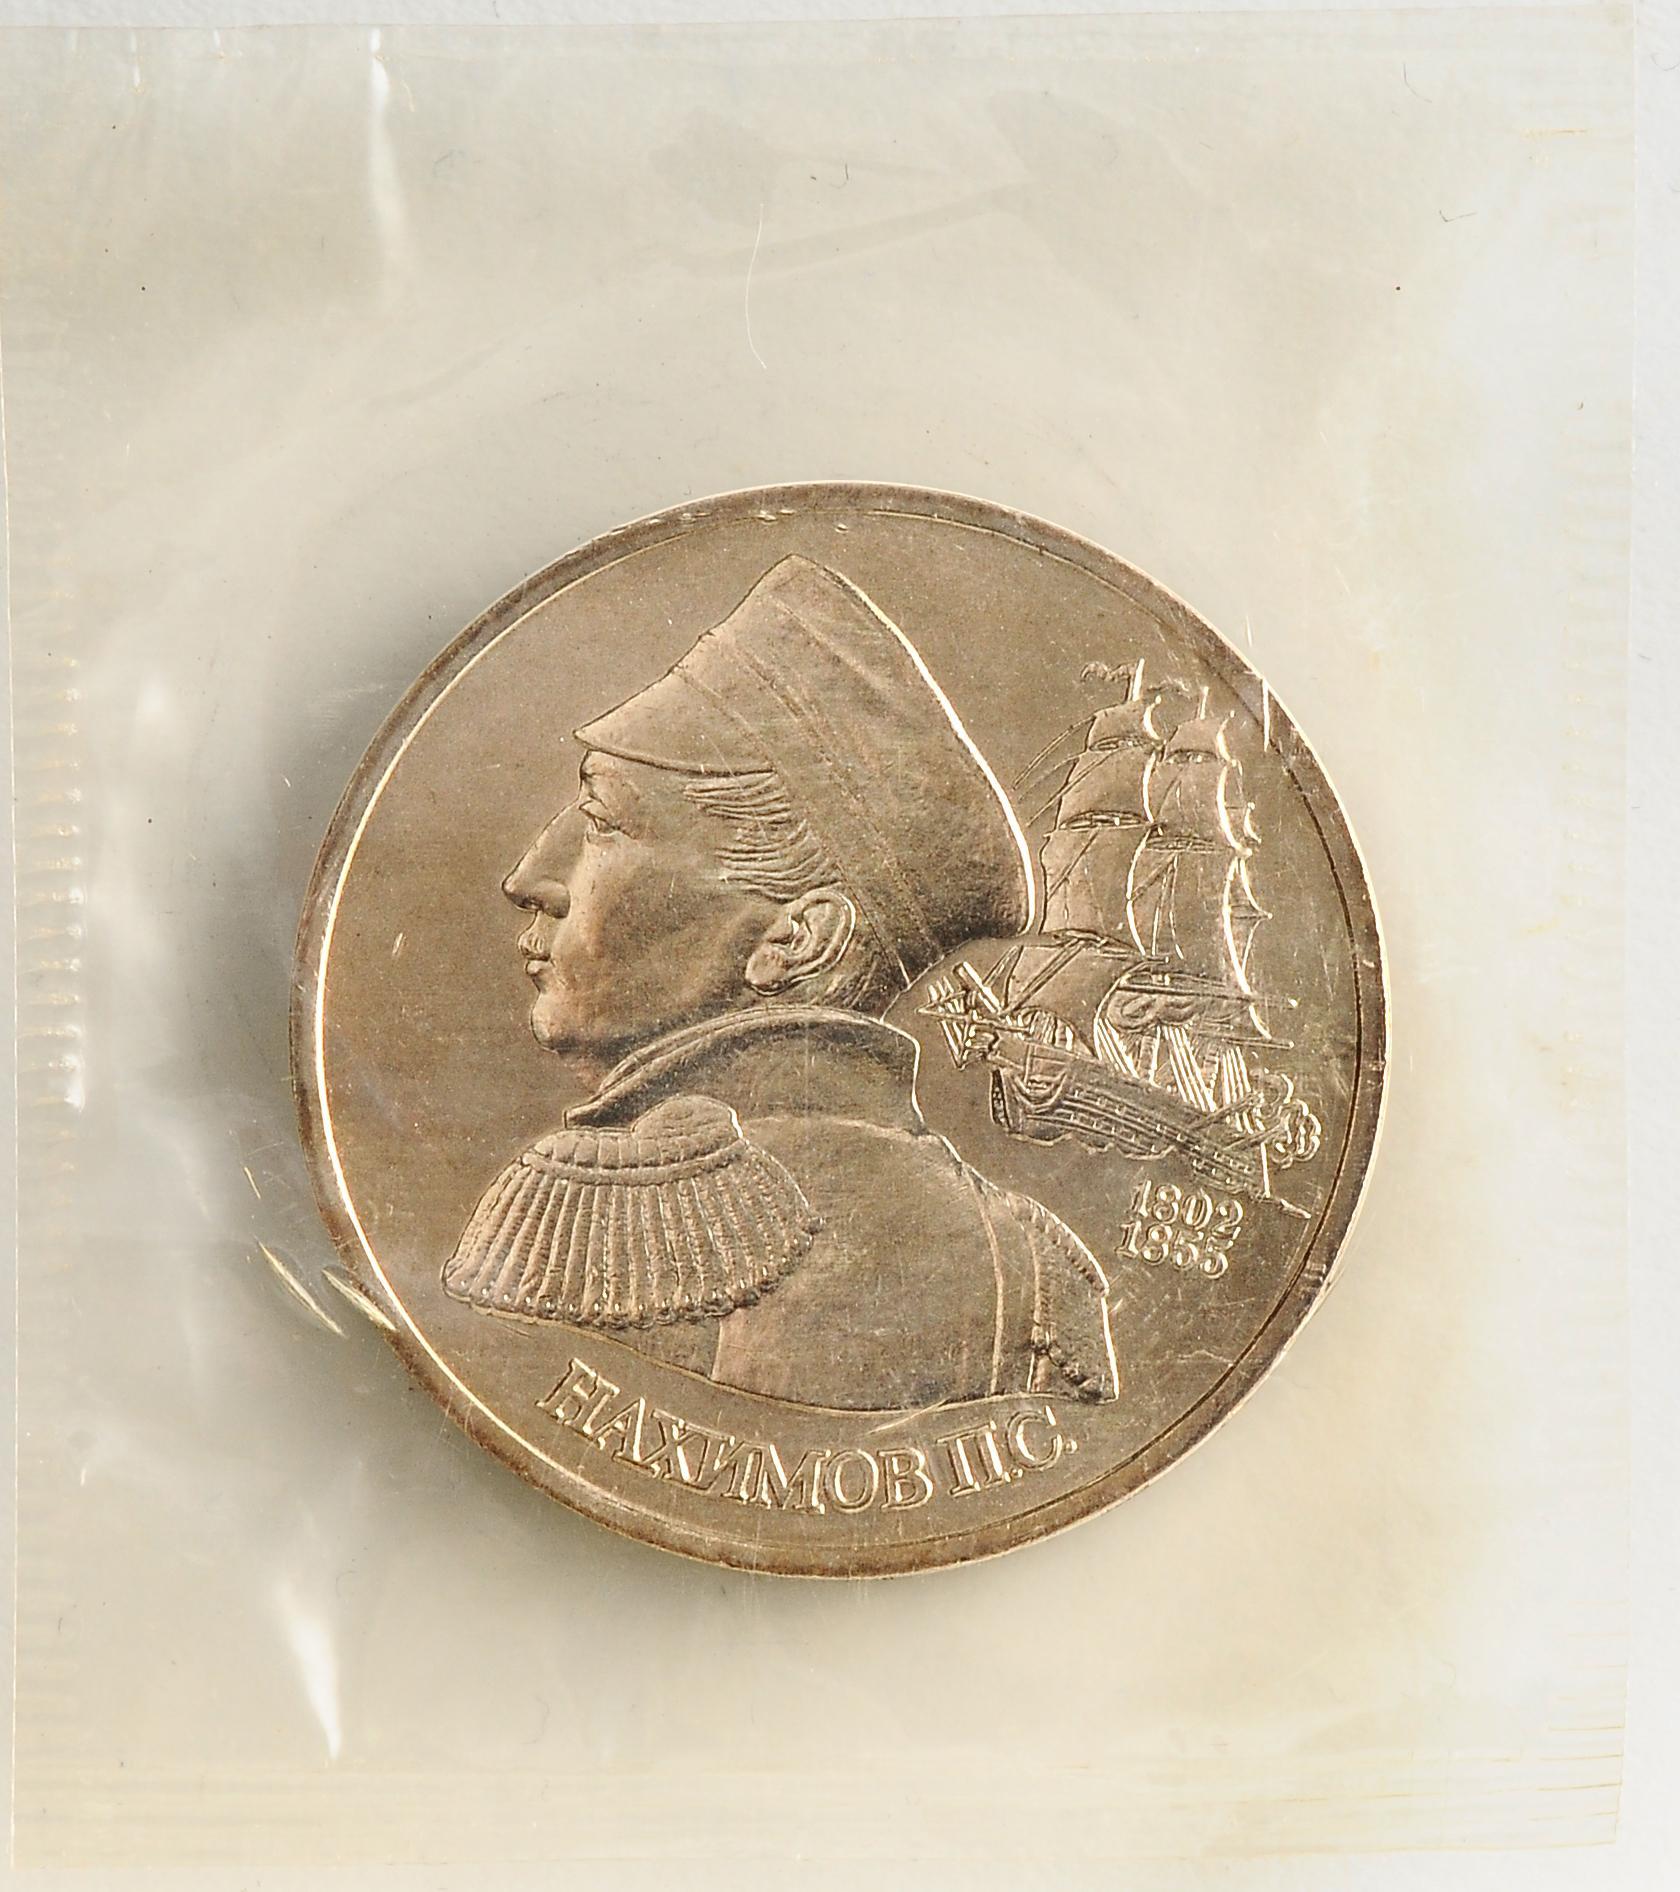 1 рубль нахимов купить 600 копеек это сколько рублей